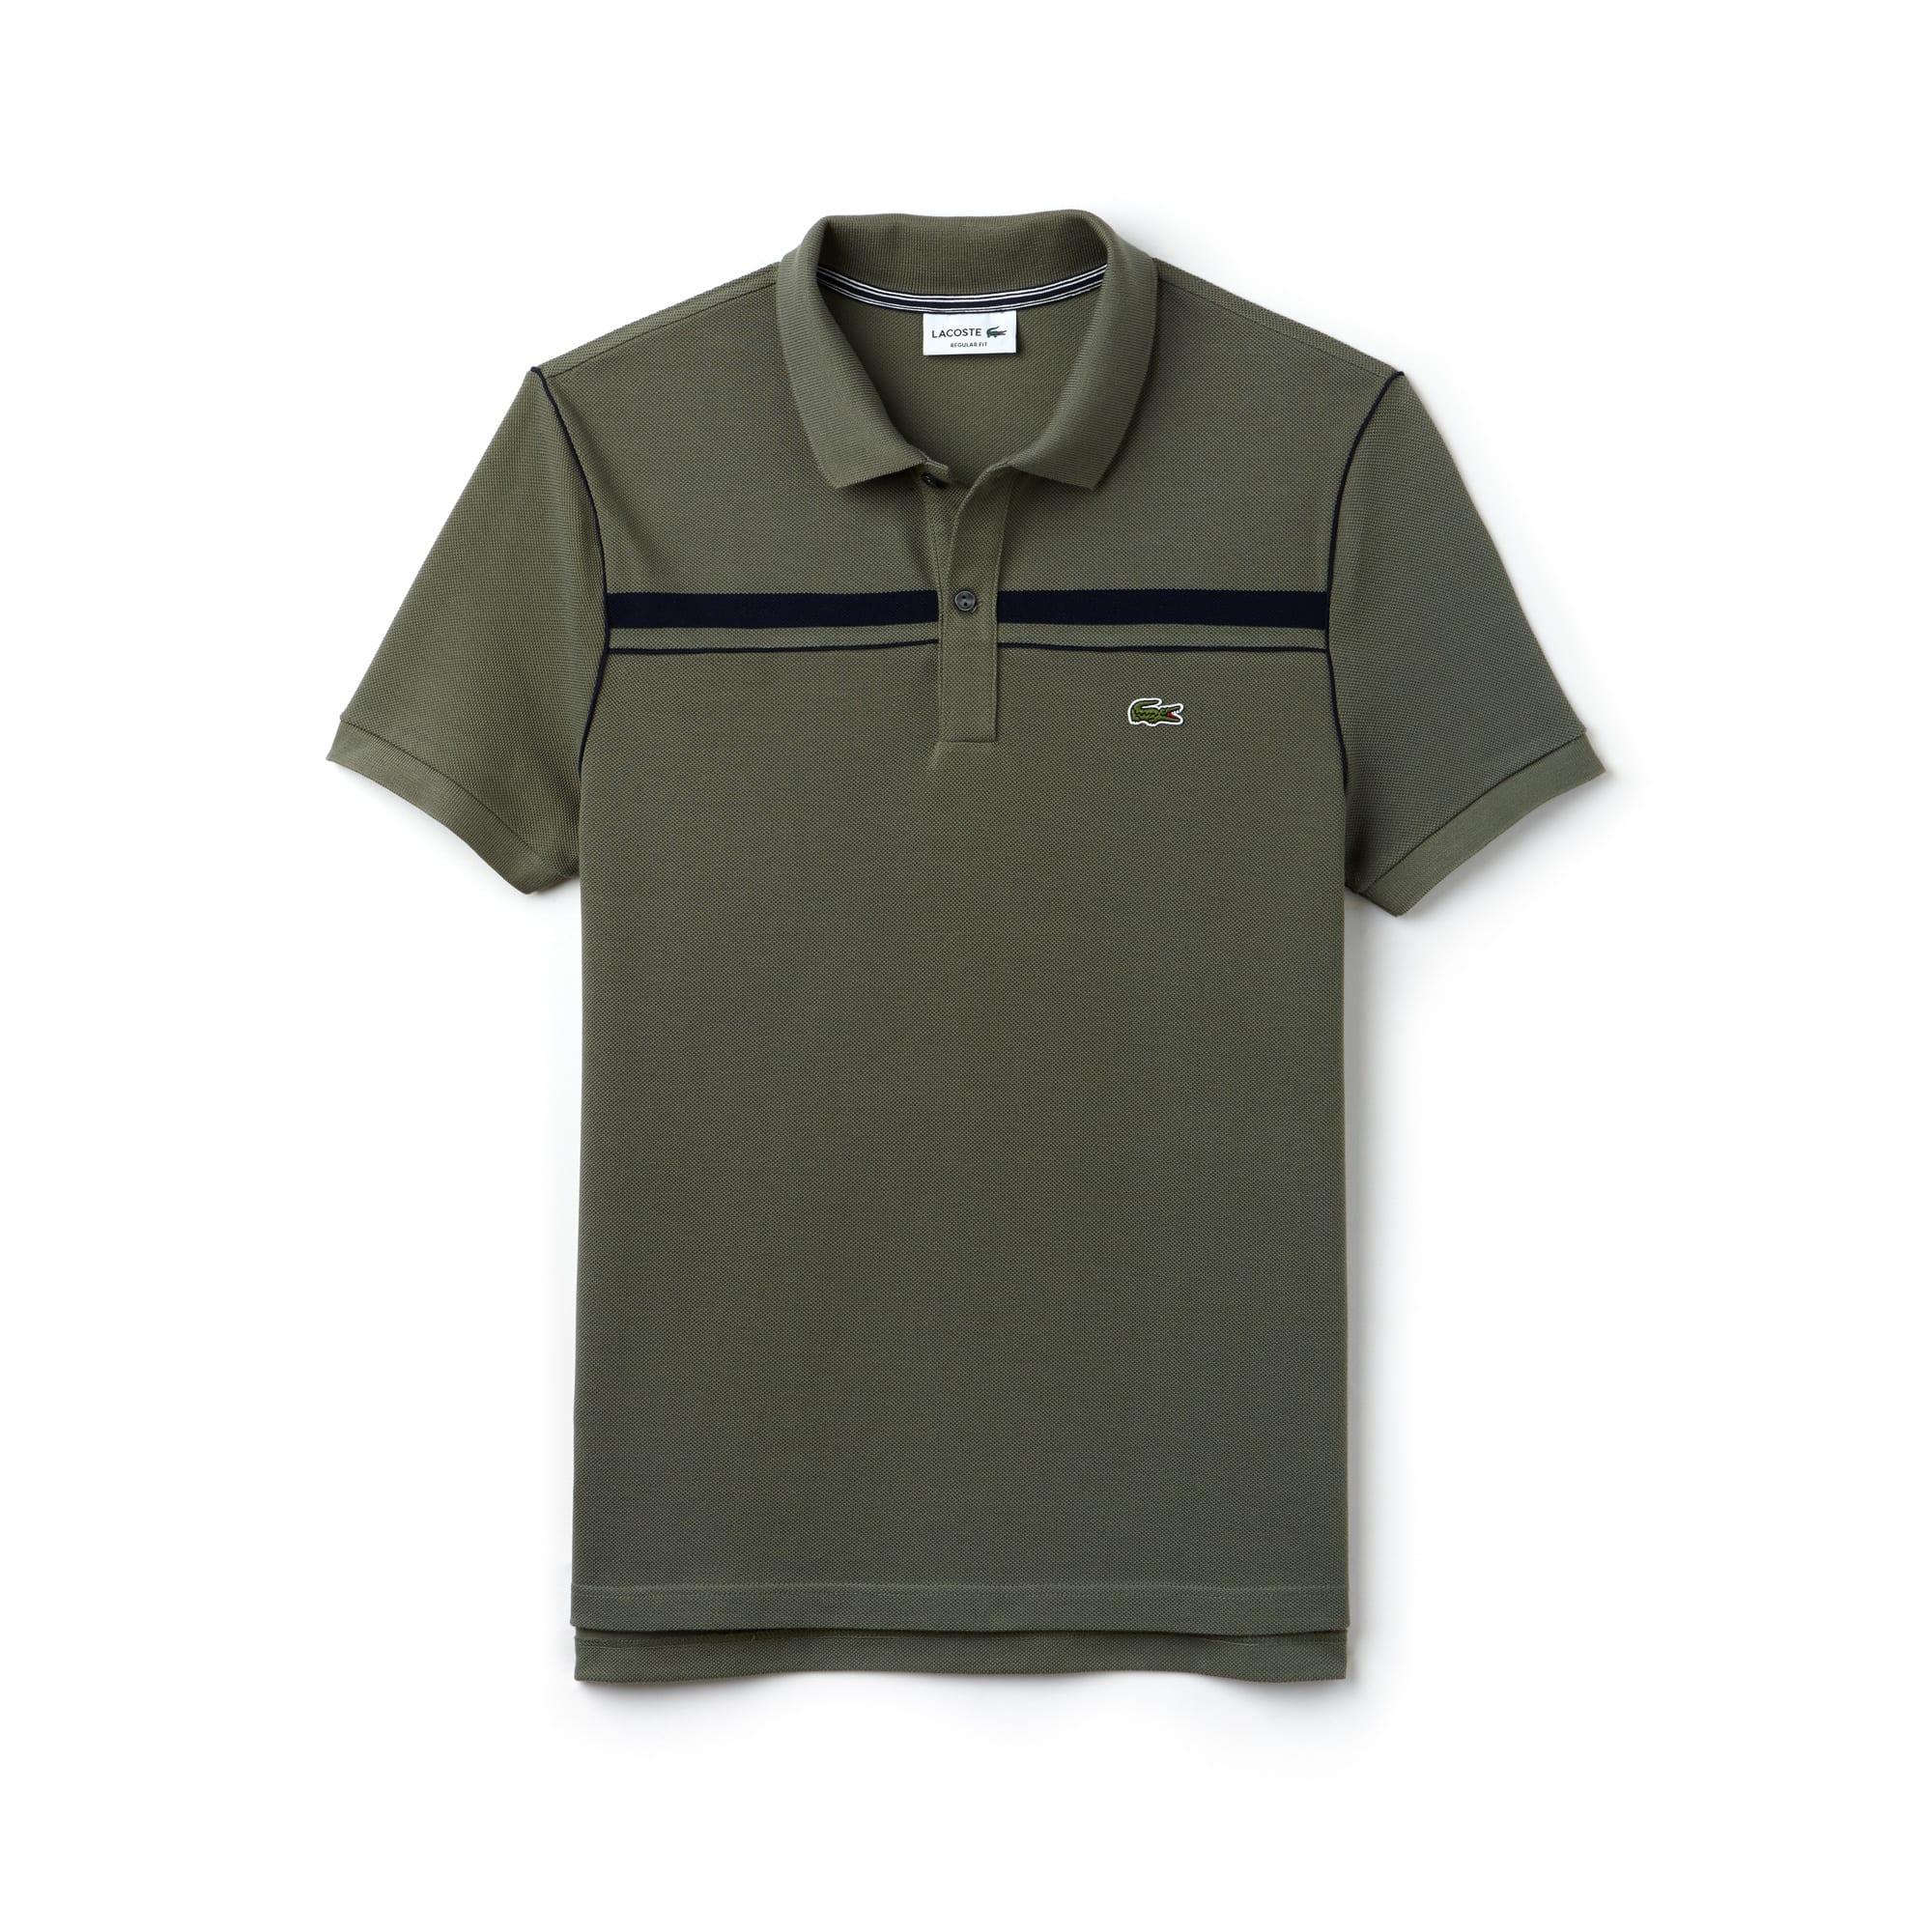 Regular Fit Herren-Poloshirt aus Piqué mit Kontraststreifen